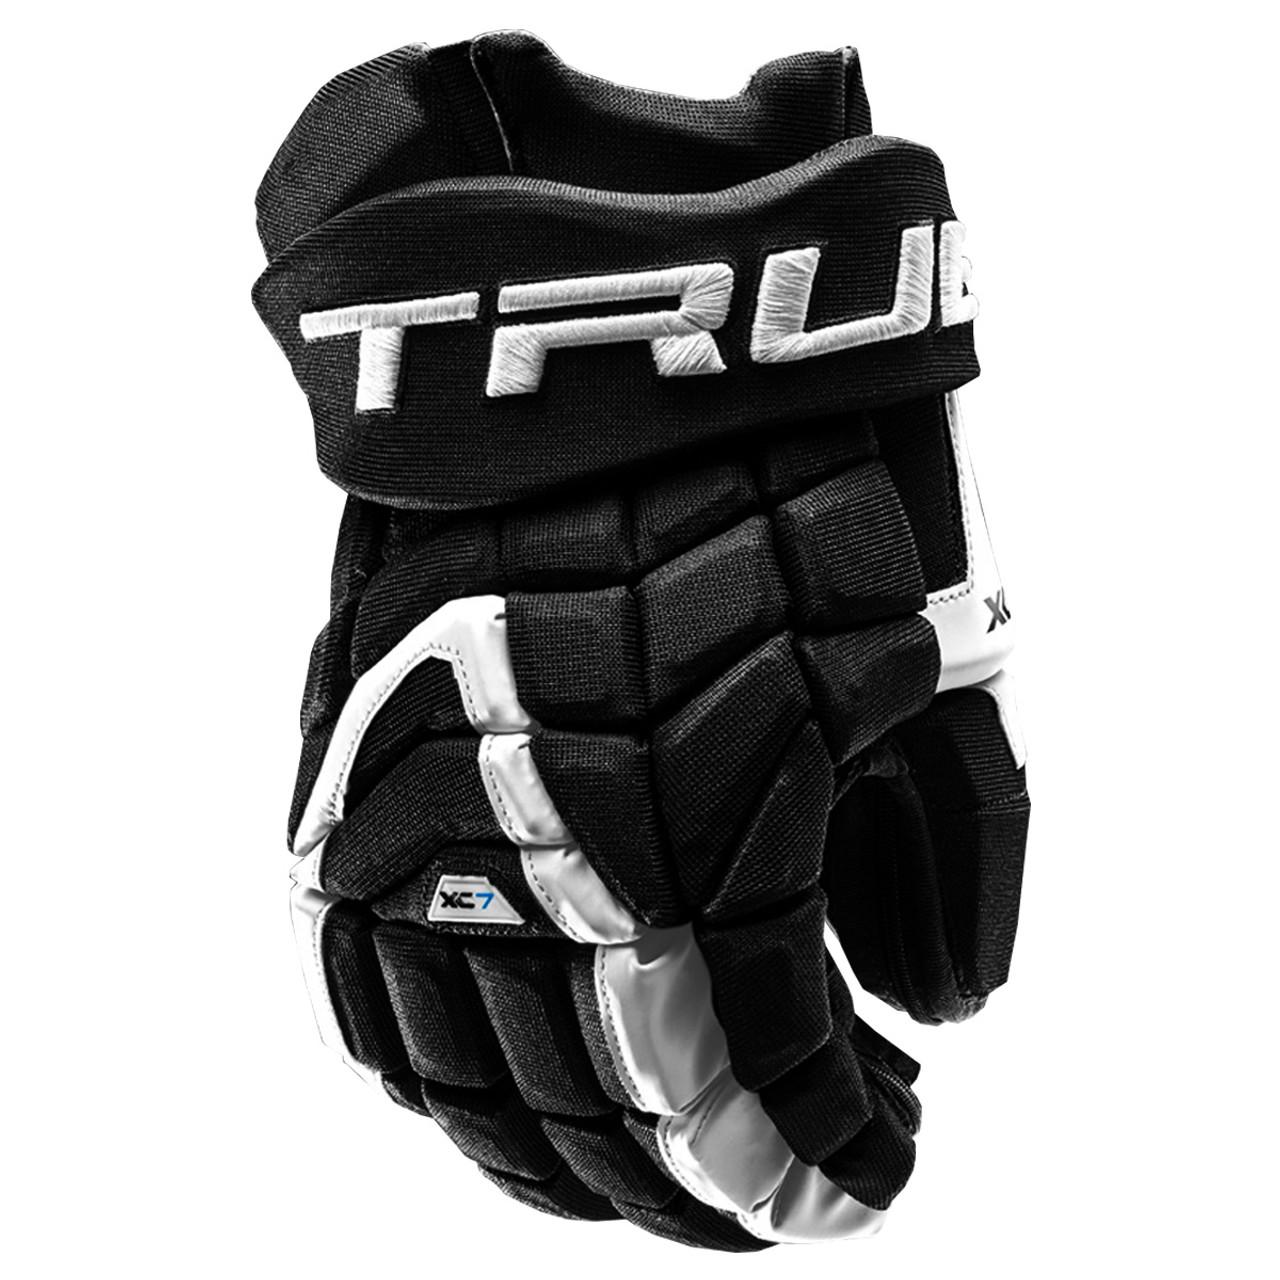 af5cc6e9f9f80 True XC7-18 Pro Z Palm Senior Hockey Gloves - Black, White